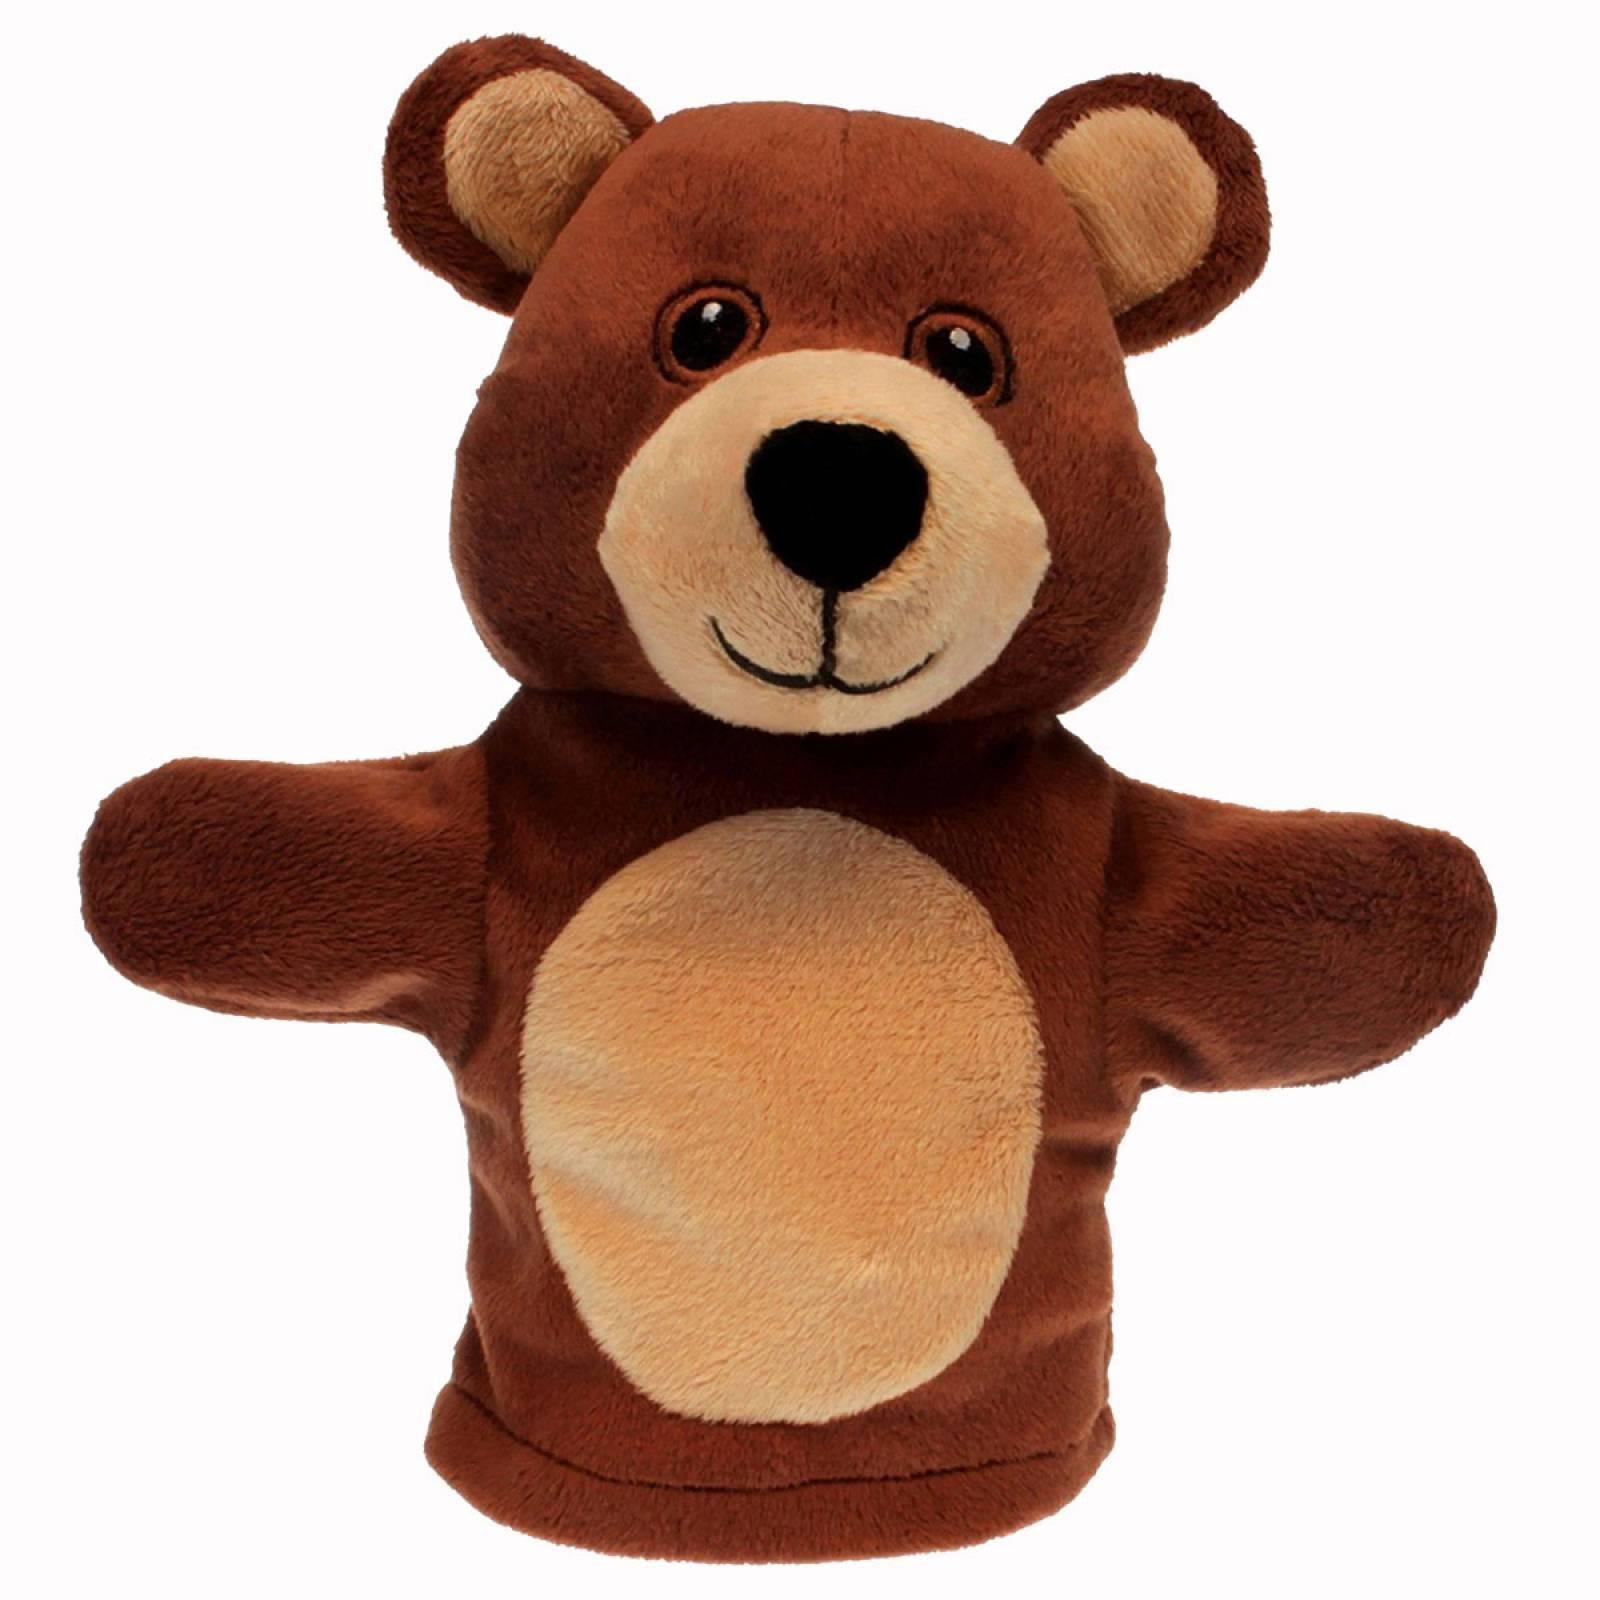 Bear - My First Puppet 0+ thumbnails